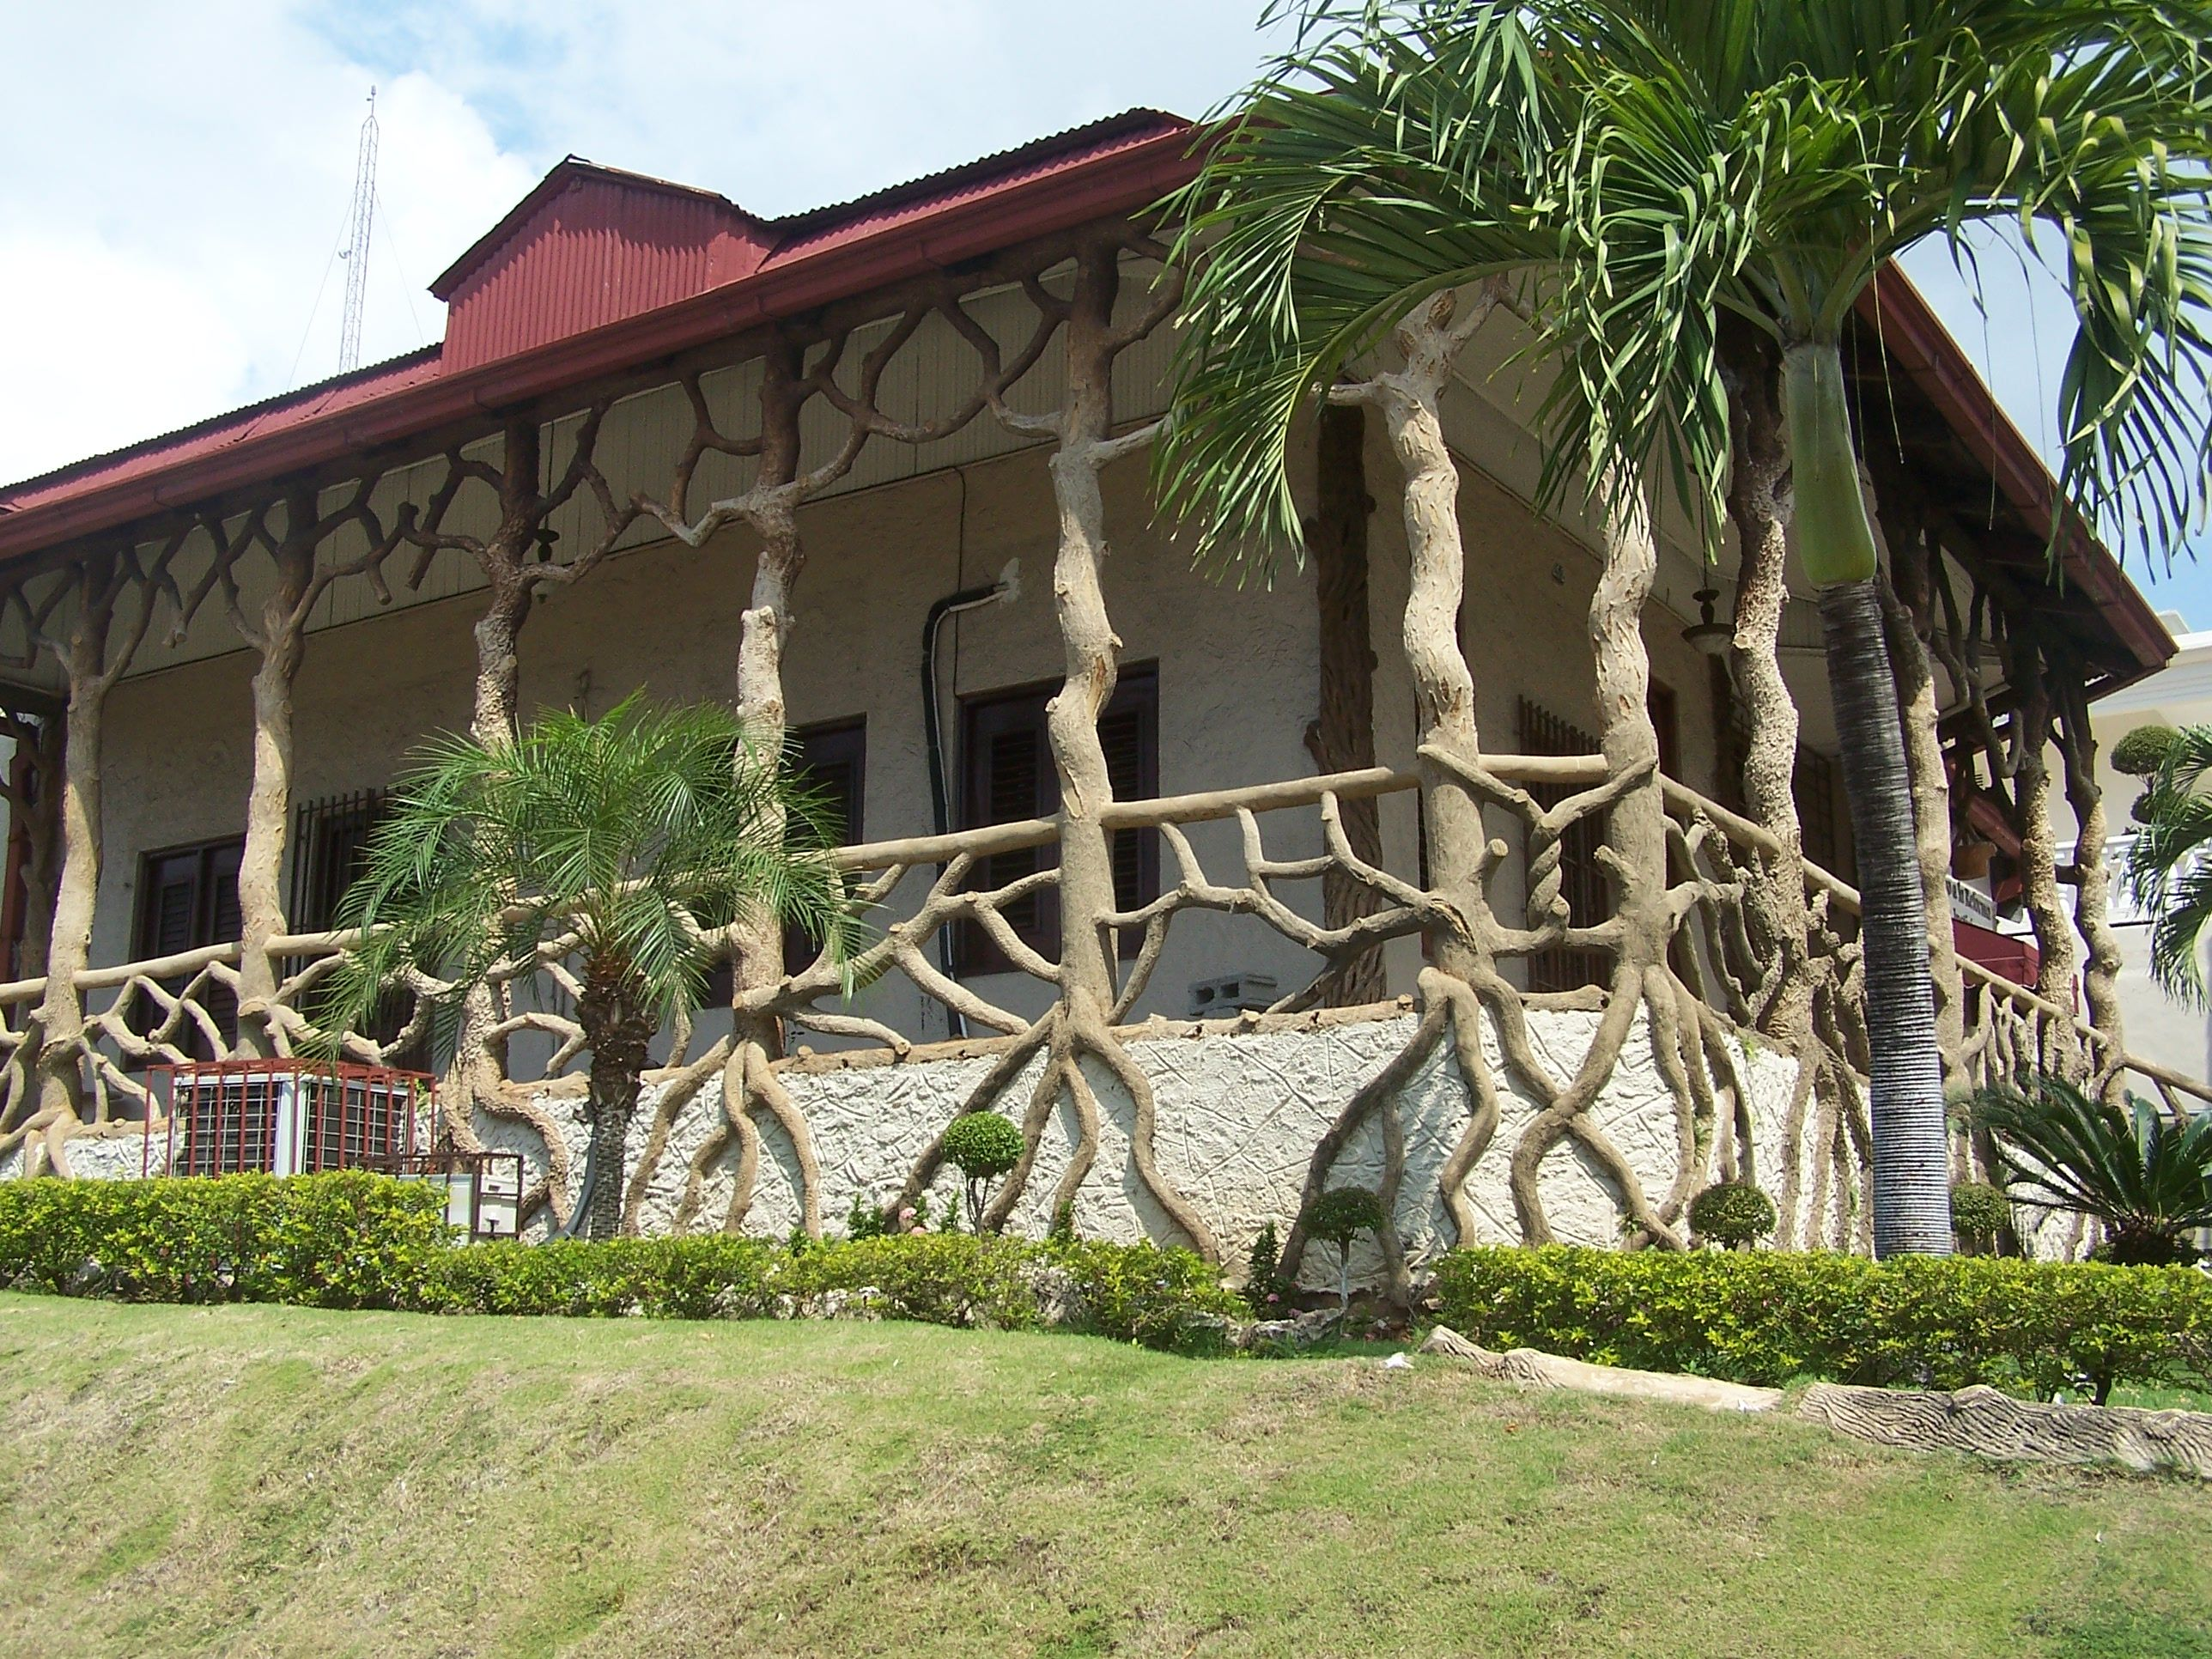 La casa de las raices, Santo Domingo, Rep. Dom. Mis